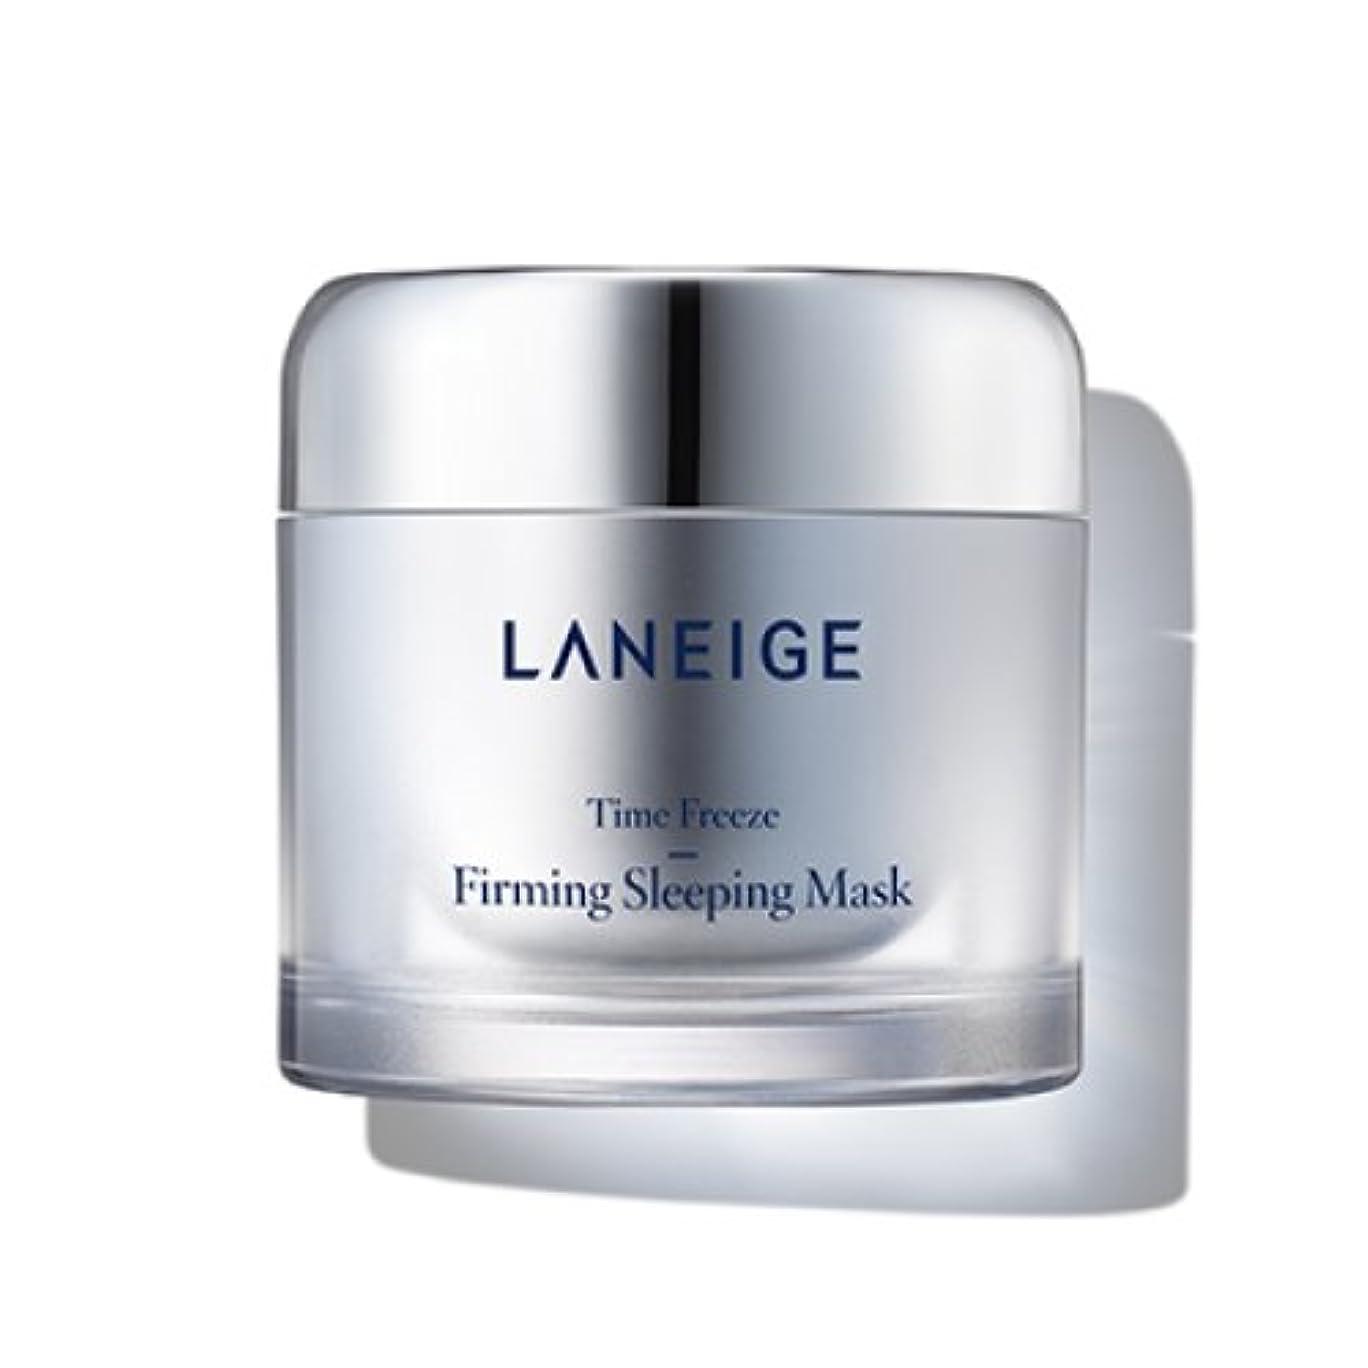 夜ポスター誘導[ラネージュ] LANEIGEタイムフリーズファーミングスリーピングマスク Time Freeze Firming Sleeping Mask(海外直送品) [並行輸入品]